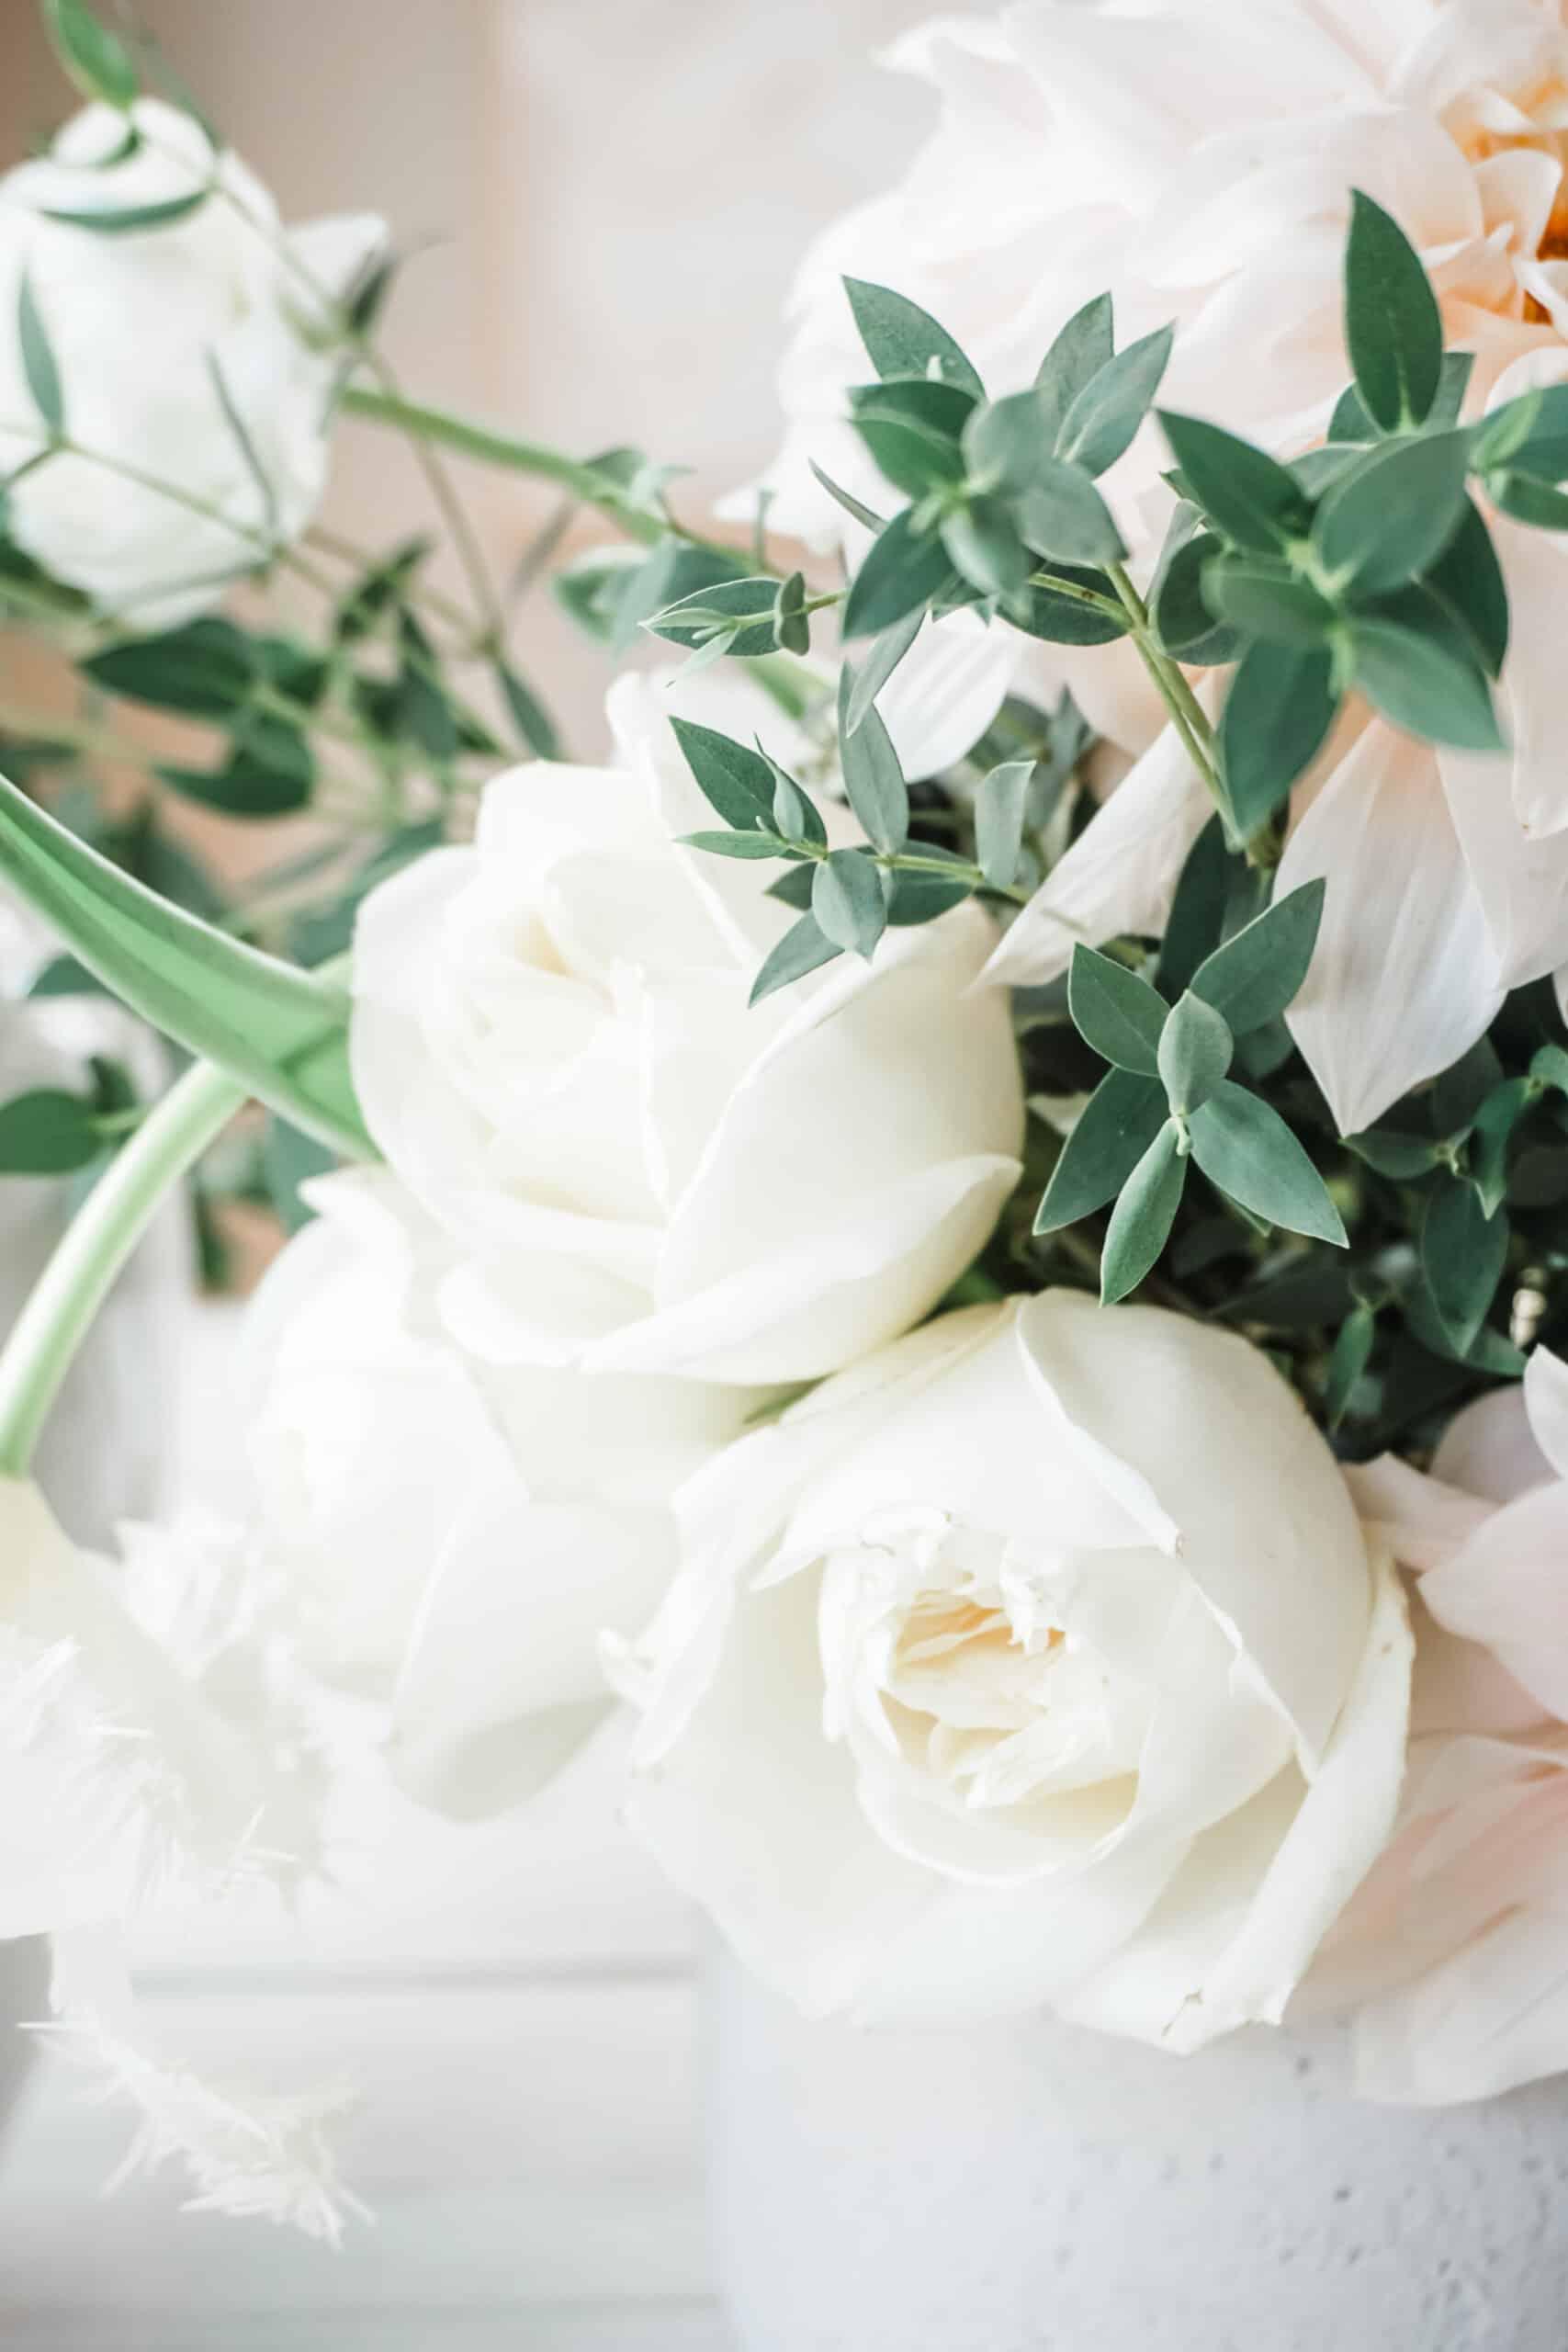 Floral arrangement using frog lid vase